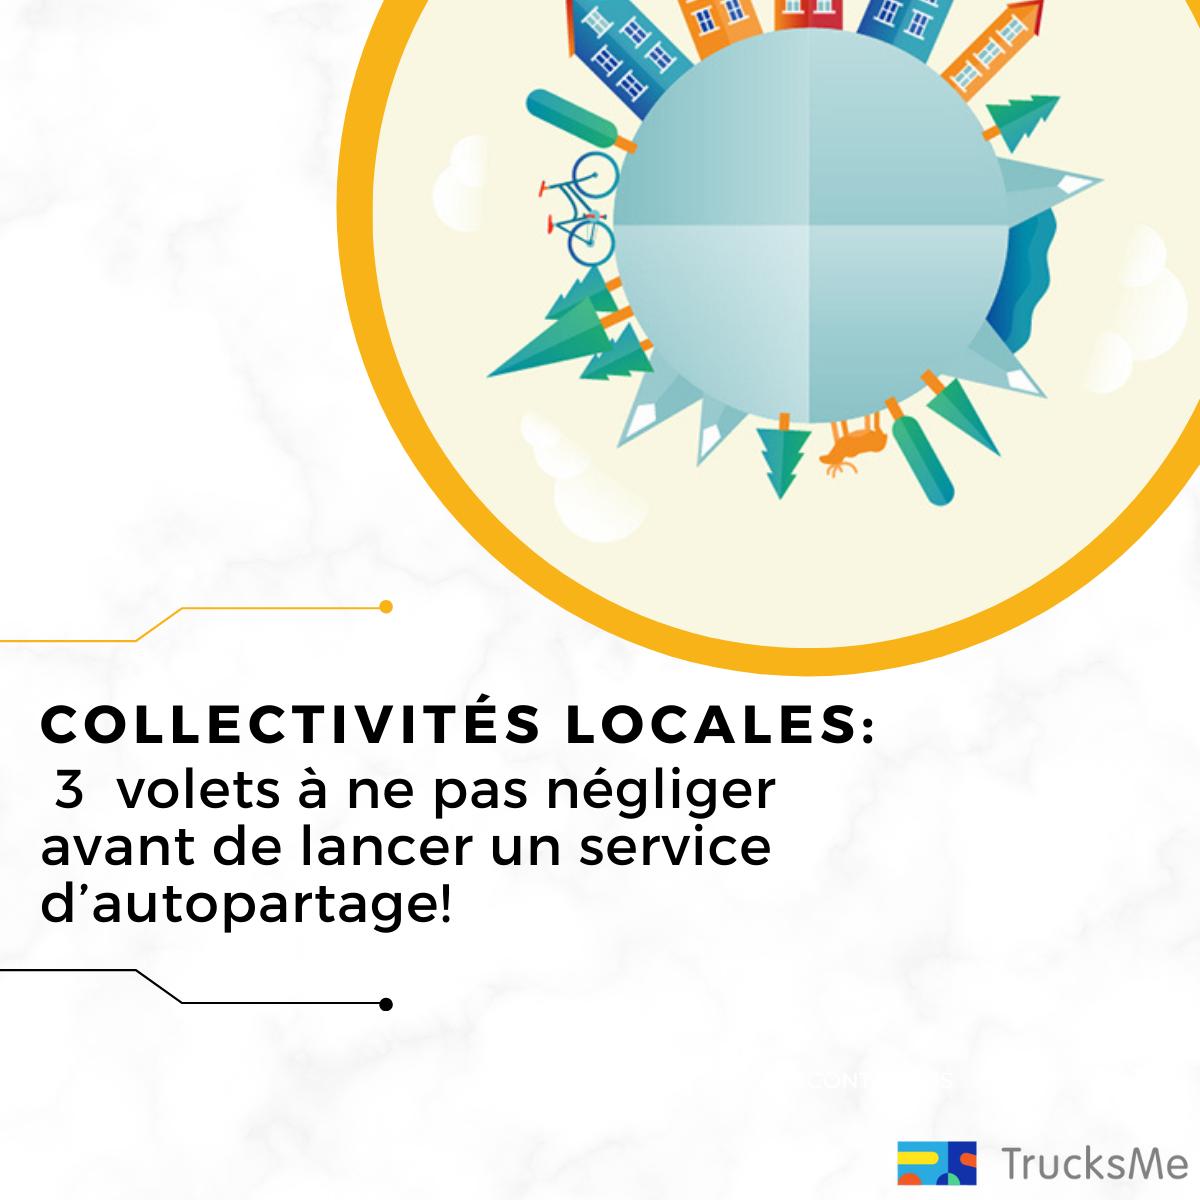 Collectivités locales, 3 volets à ne pas négliger avant de lancer un service d'autopartage.